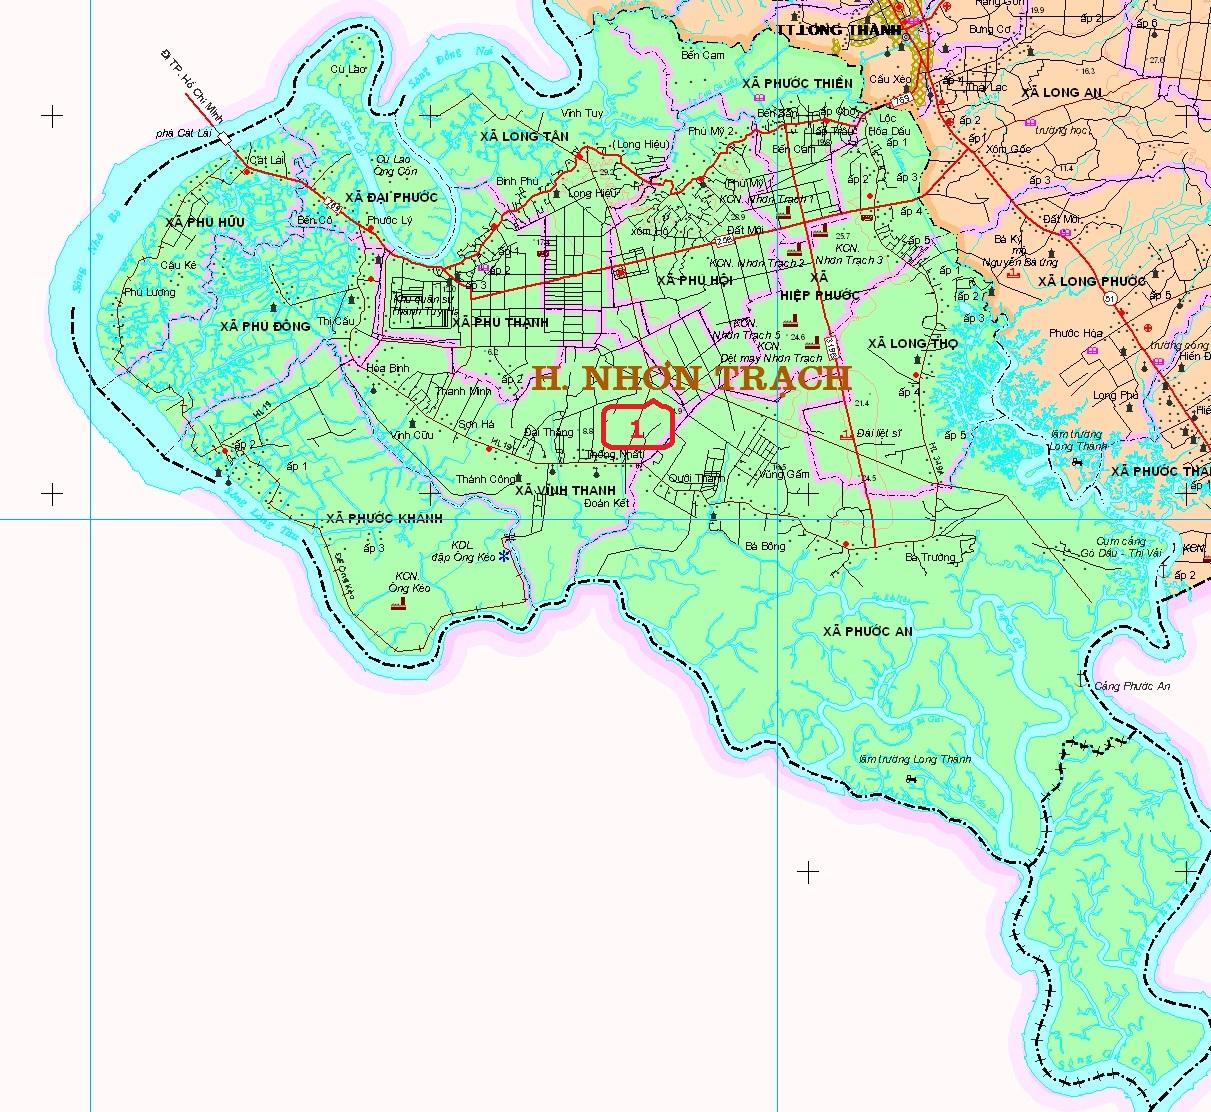 Bản đồ huyện Nhơn Trạch